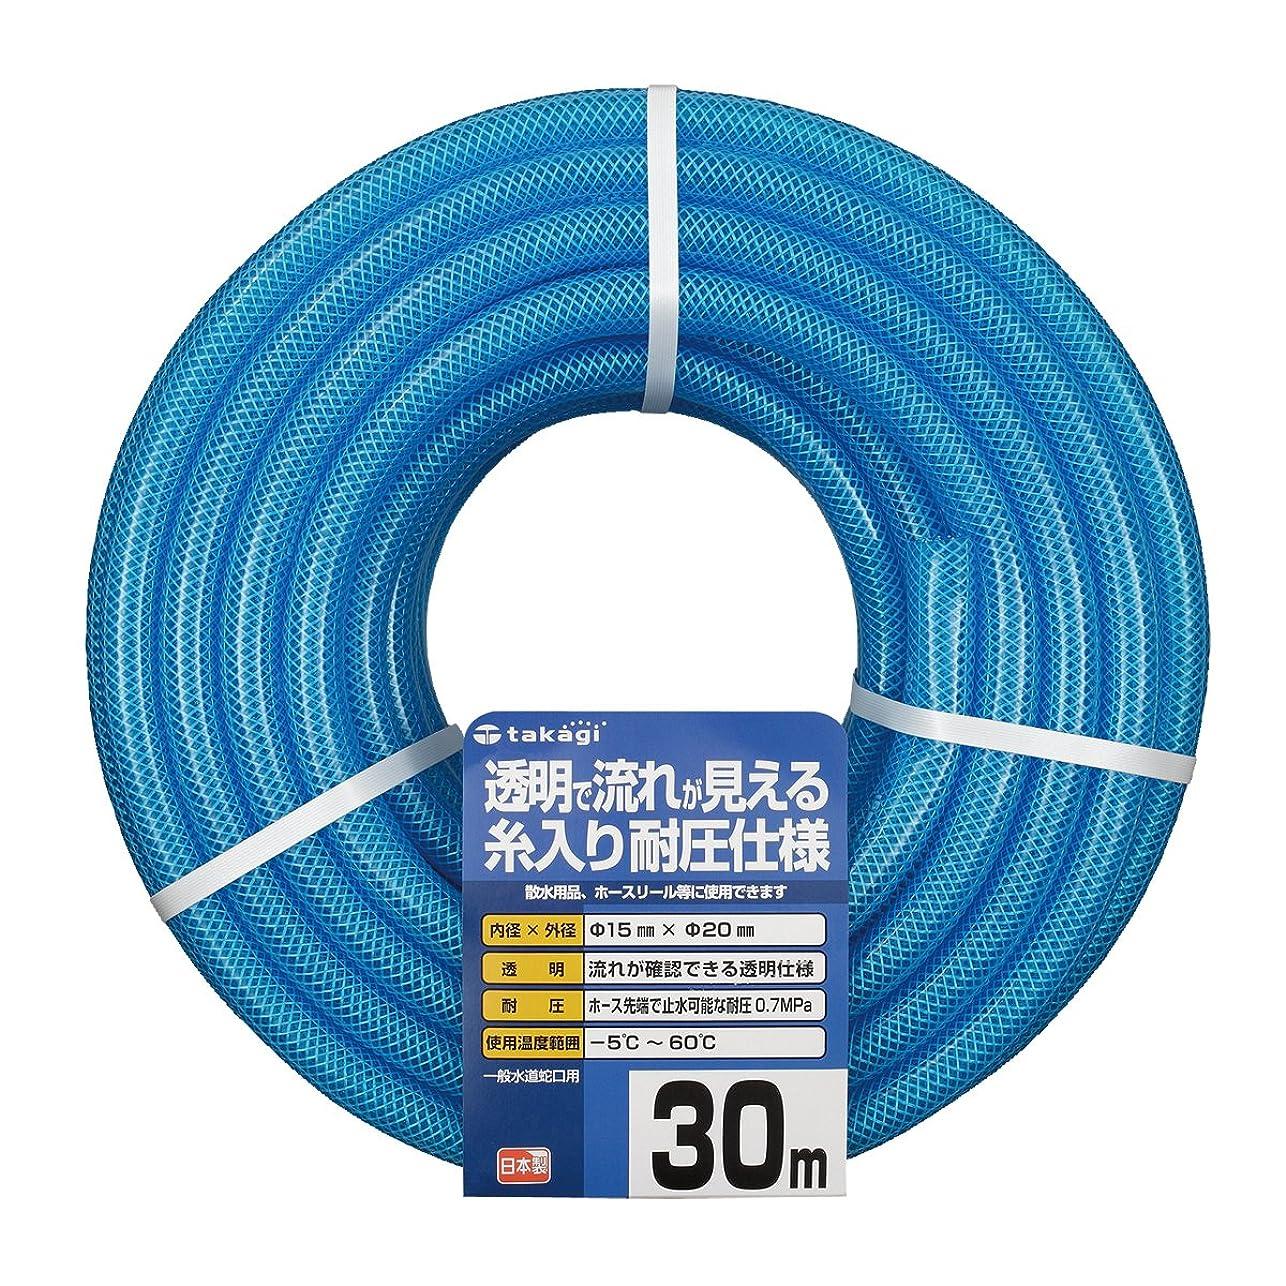 削除する寄付するプラスチックタカギ(takagi) ホース クリア耐圧ホース15×20 030M 30m 耐圧 透明 PH08015CB030TM 【安心の2年間保証】